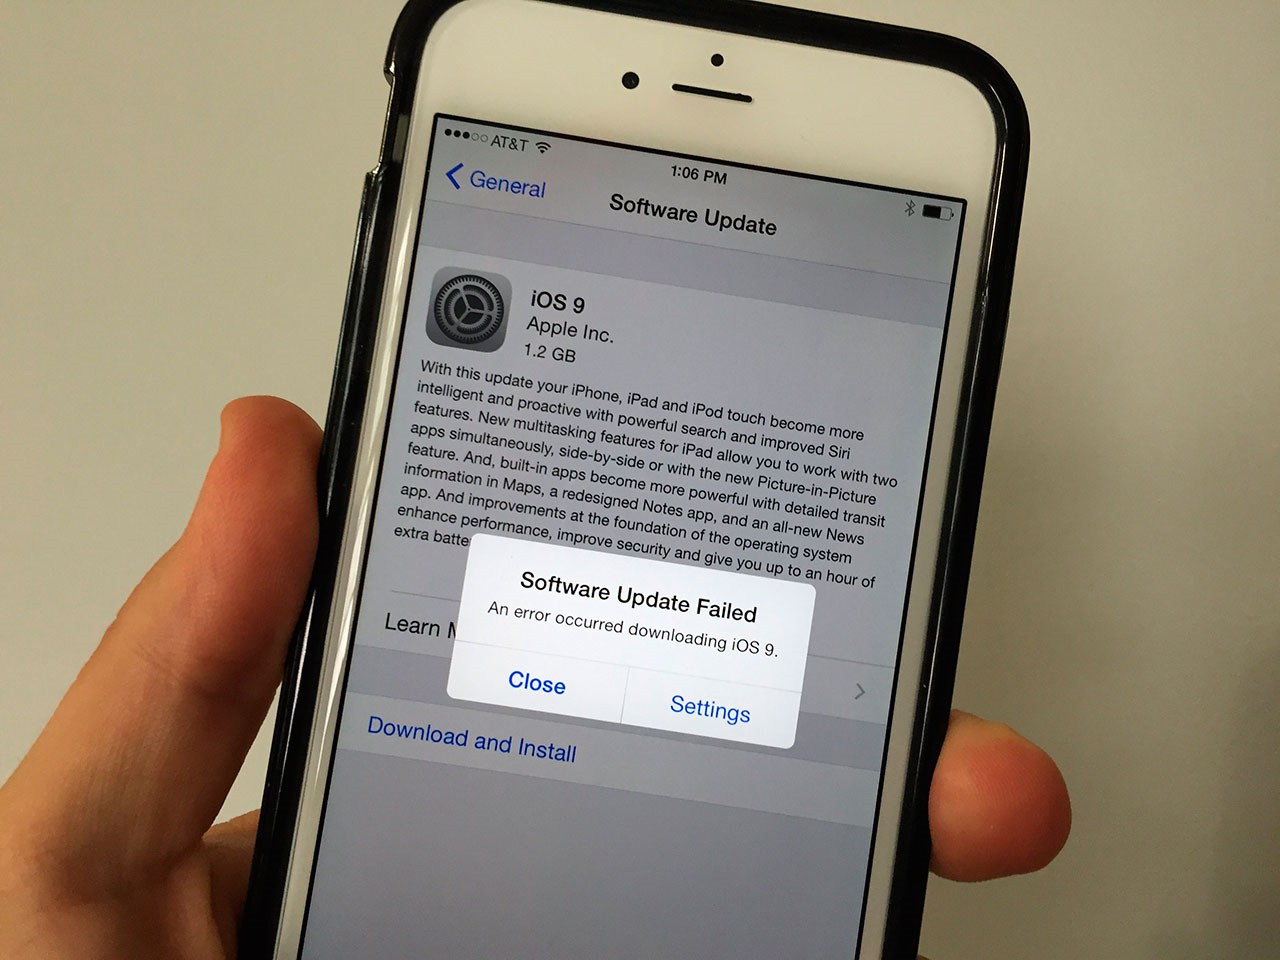 Apple заплатит $1 млн за выявление уязвимостей в iphone